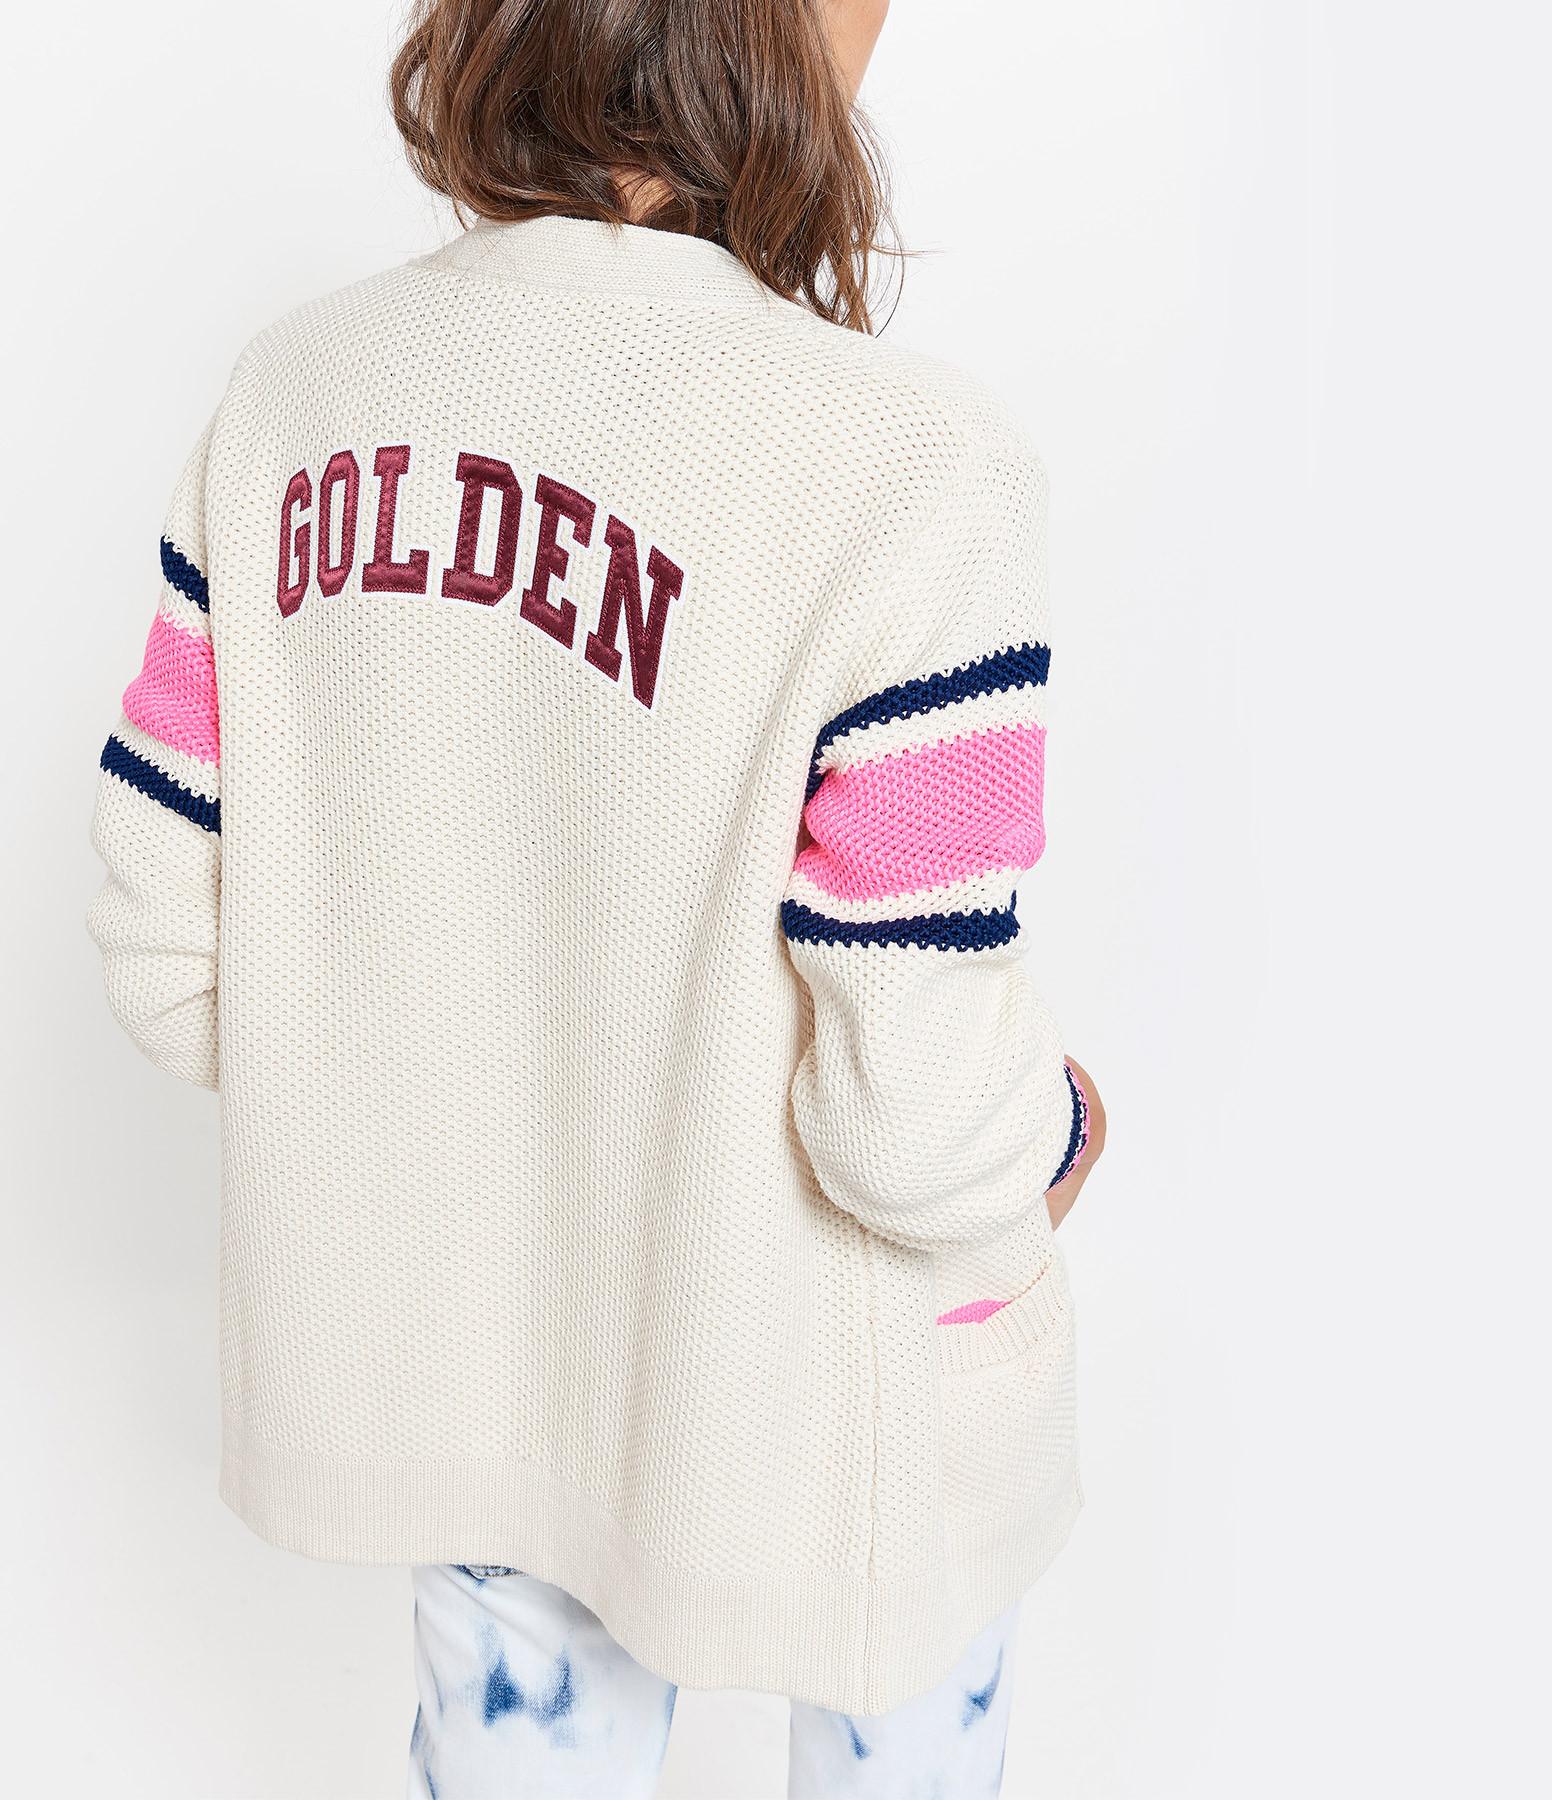 GOLDEN GOOSE - Gilet Katy Coton Navy Fushia Blanc